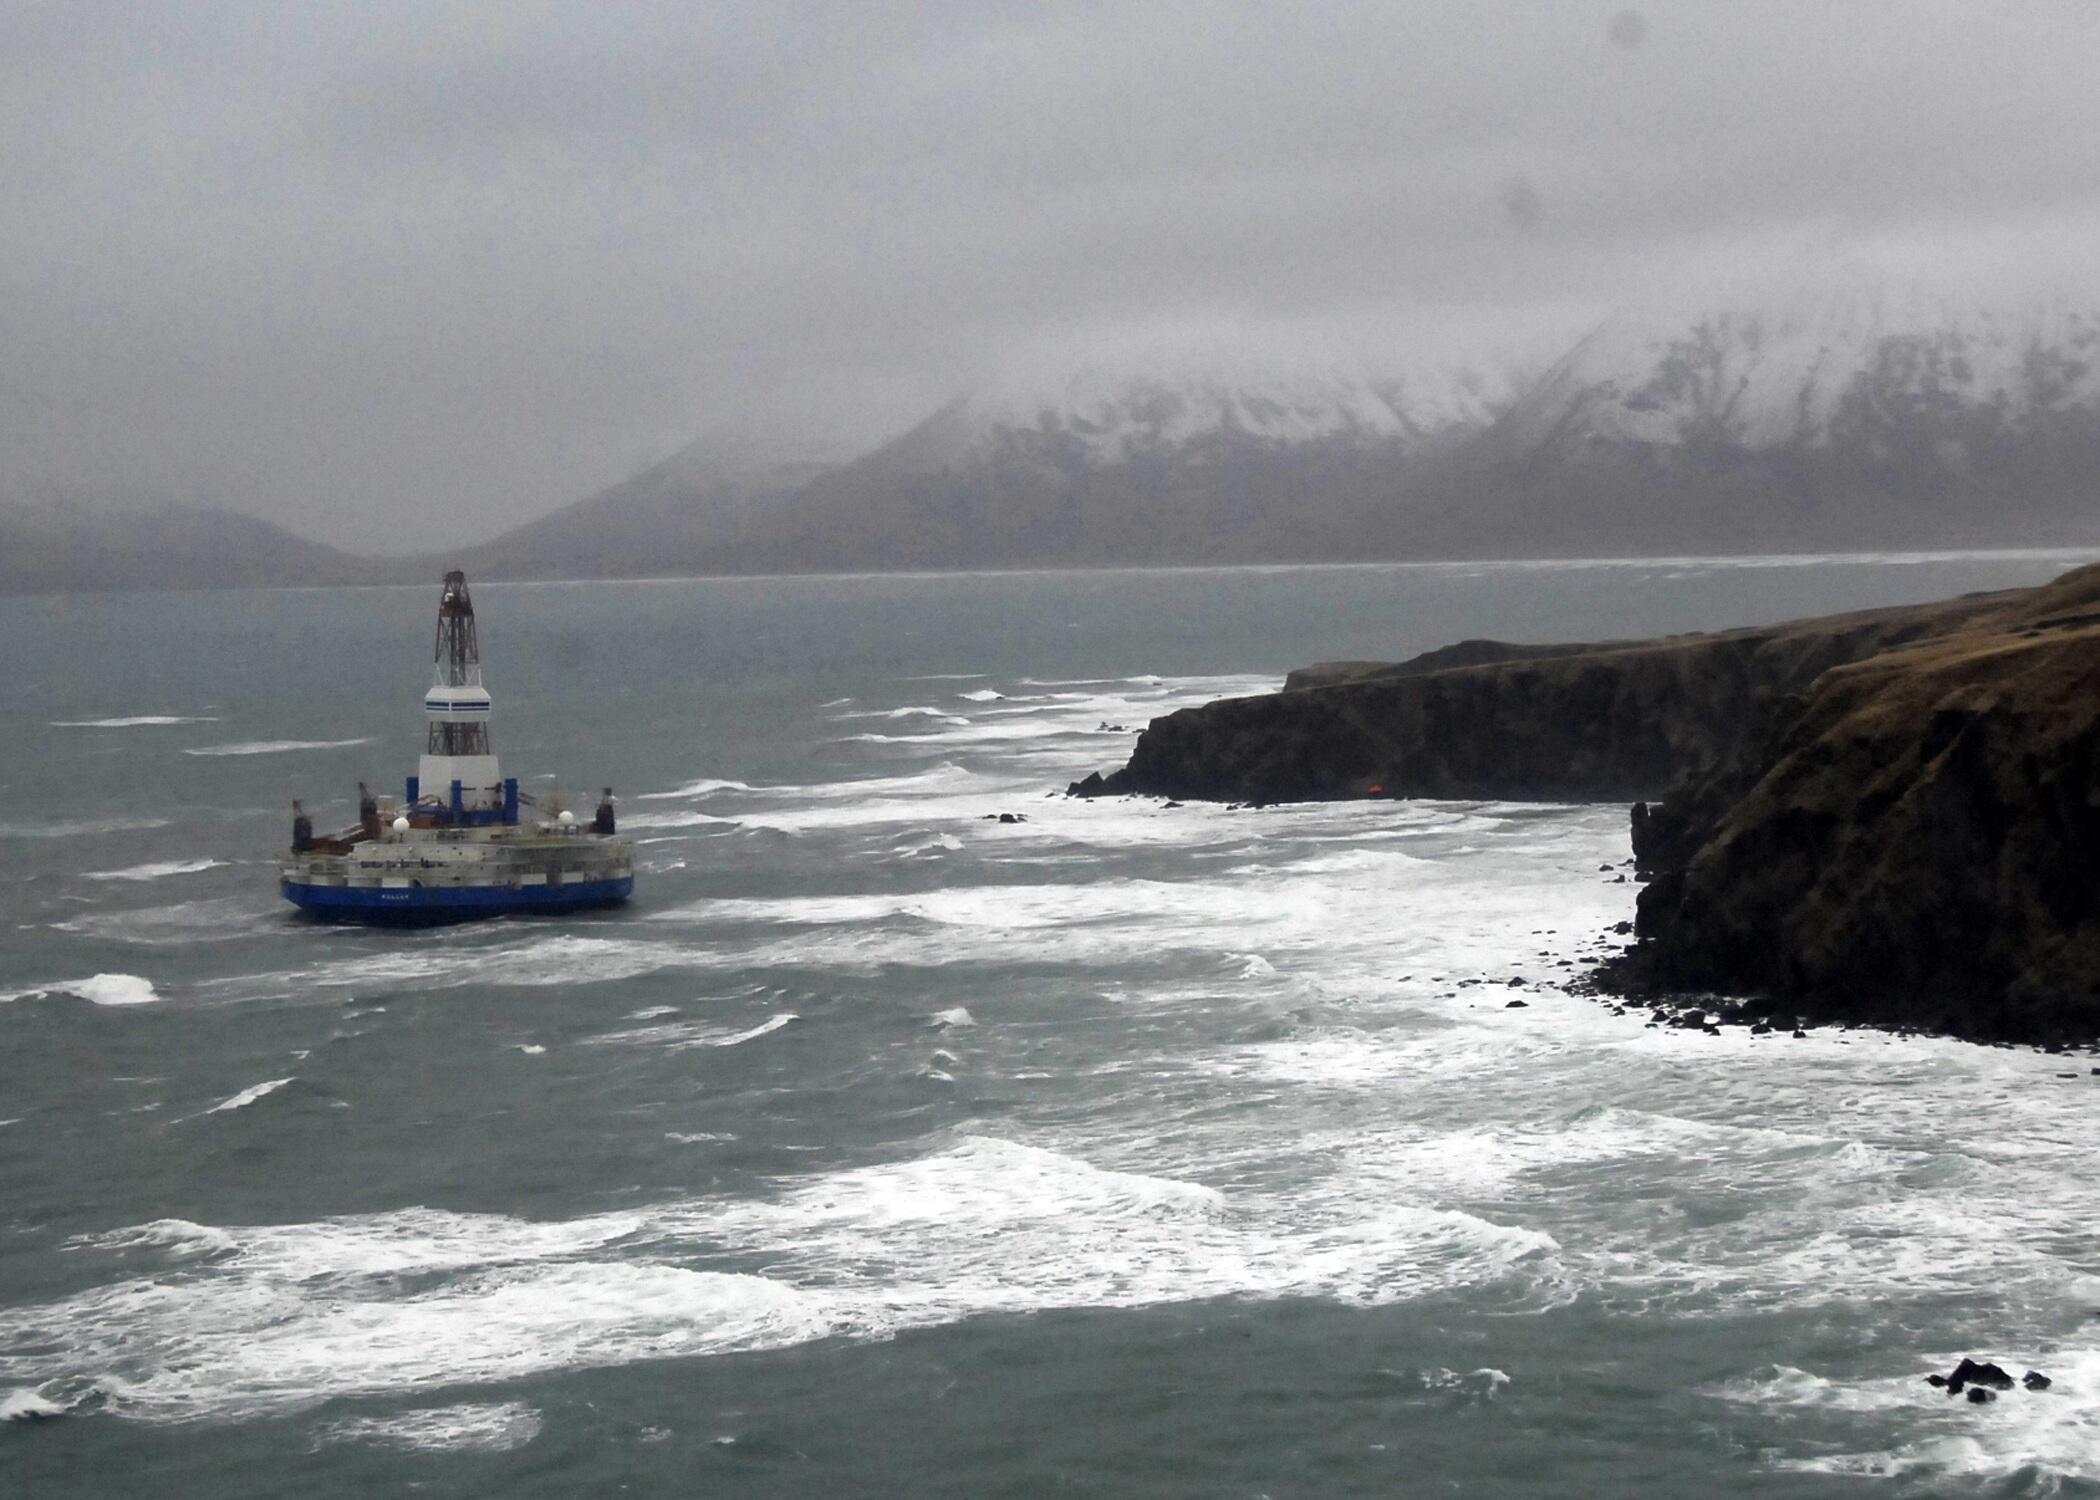 Efeitos do tremor de terra são sentidos no Alasca.